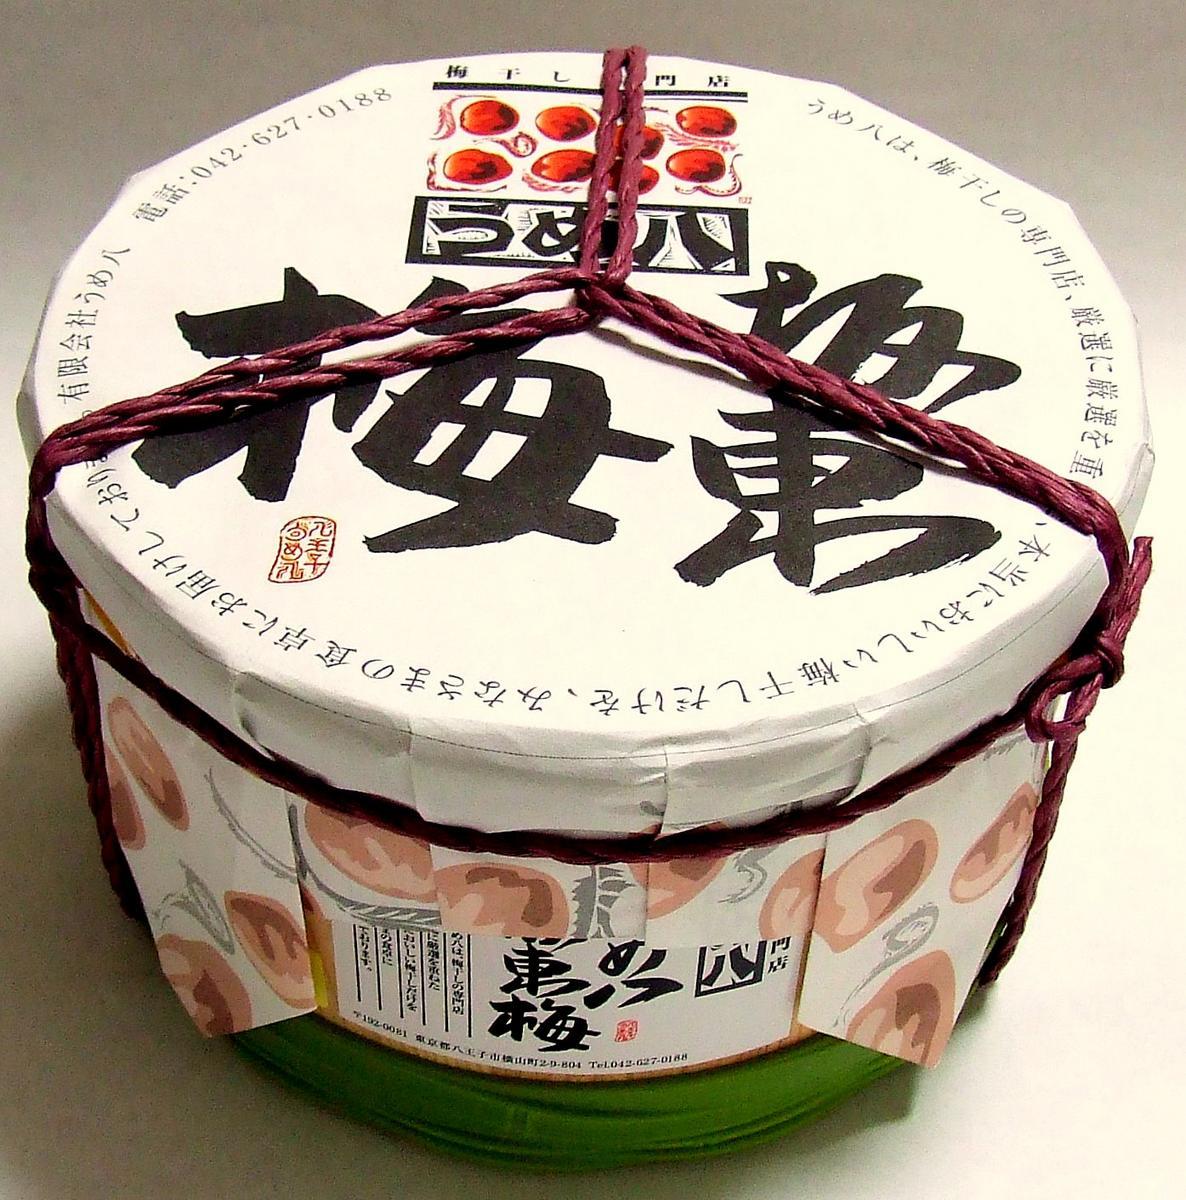 【送料無料】うめ八坂東梅タル入り1.4kg【送料...の商品画像